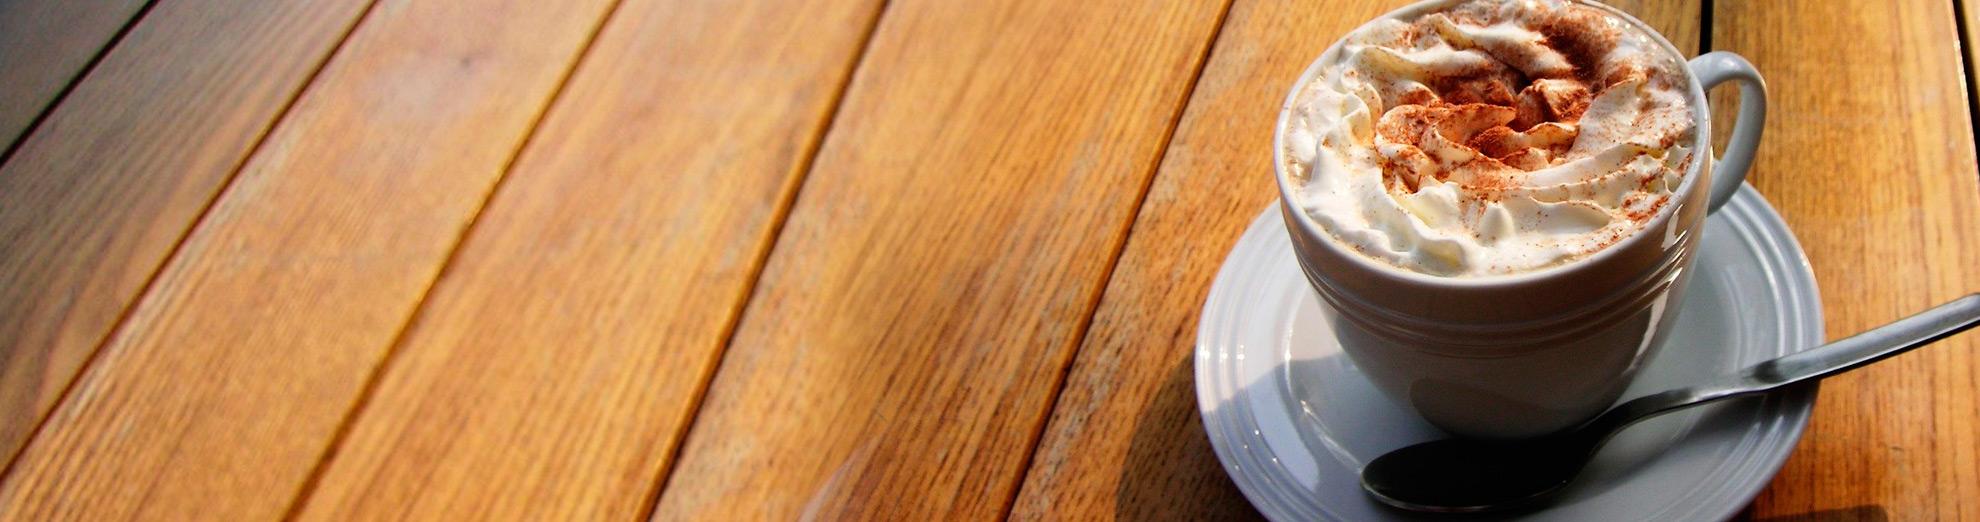 Проверьте свой эспрессо: 4 признака хорошей пенки